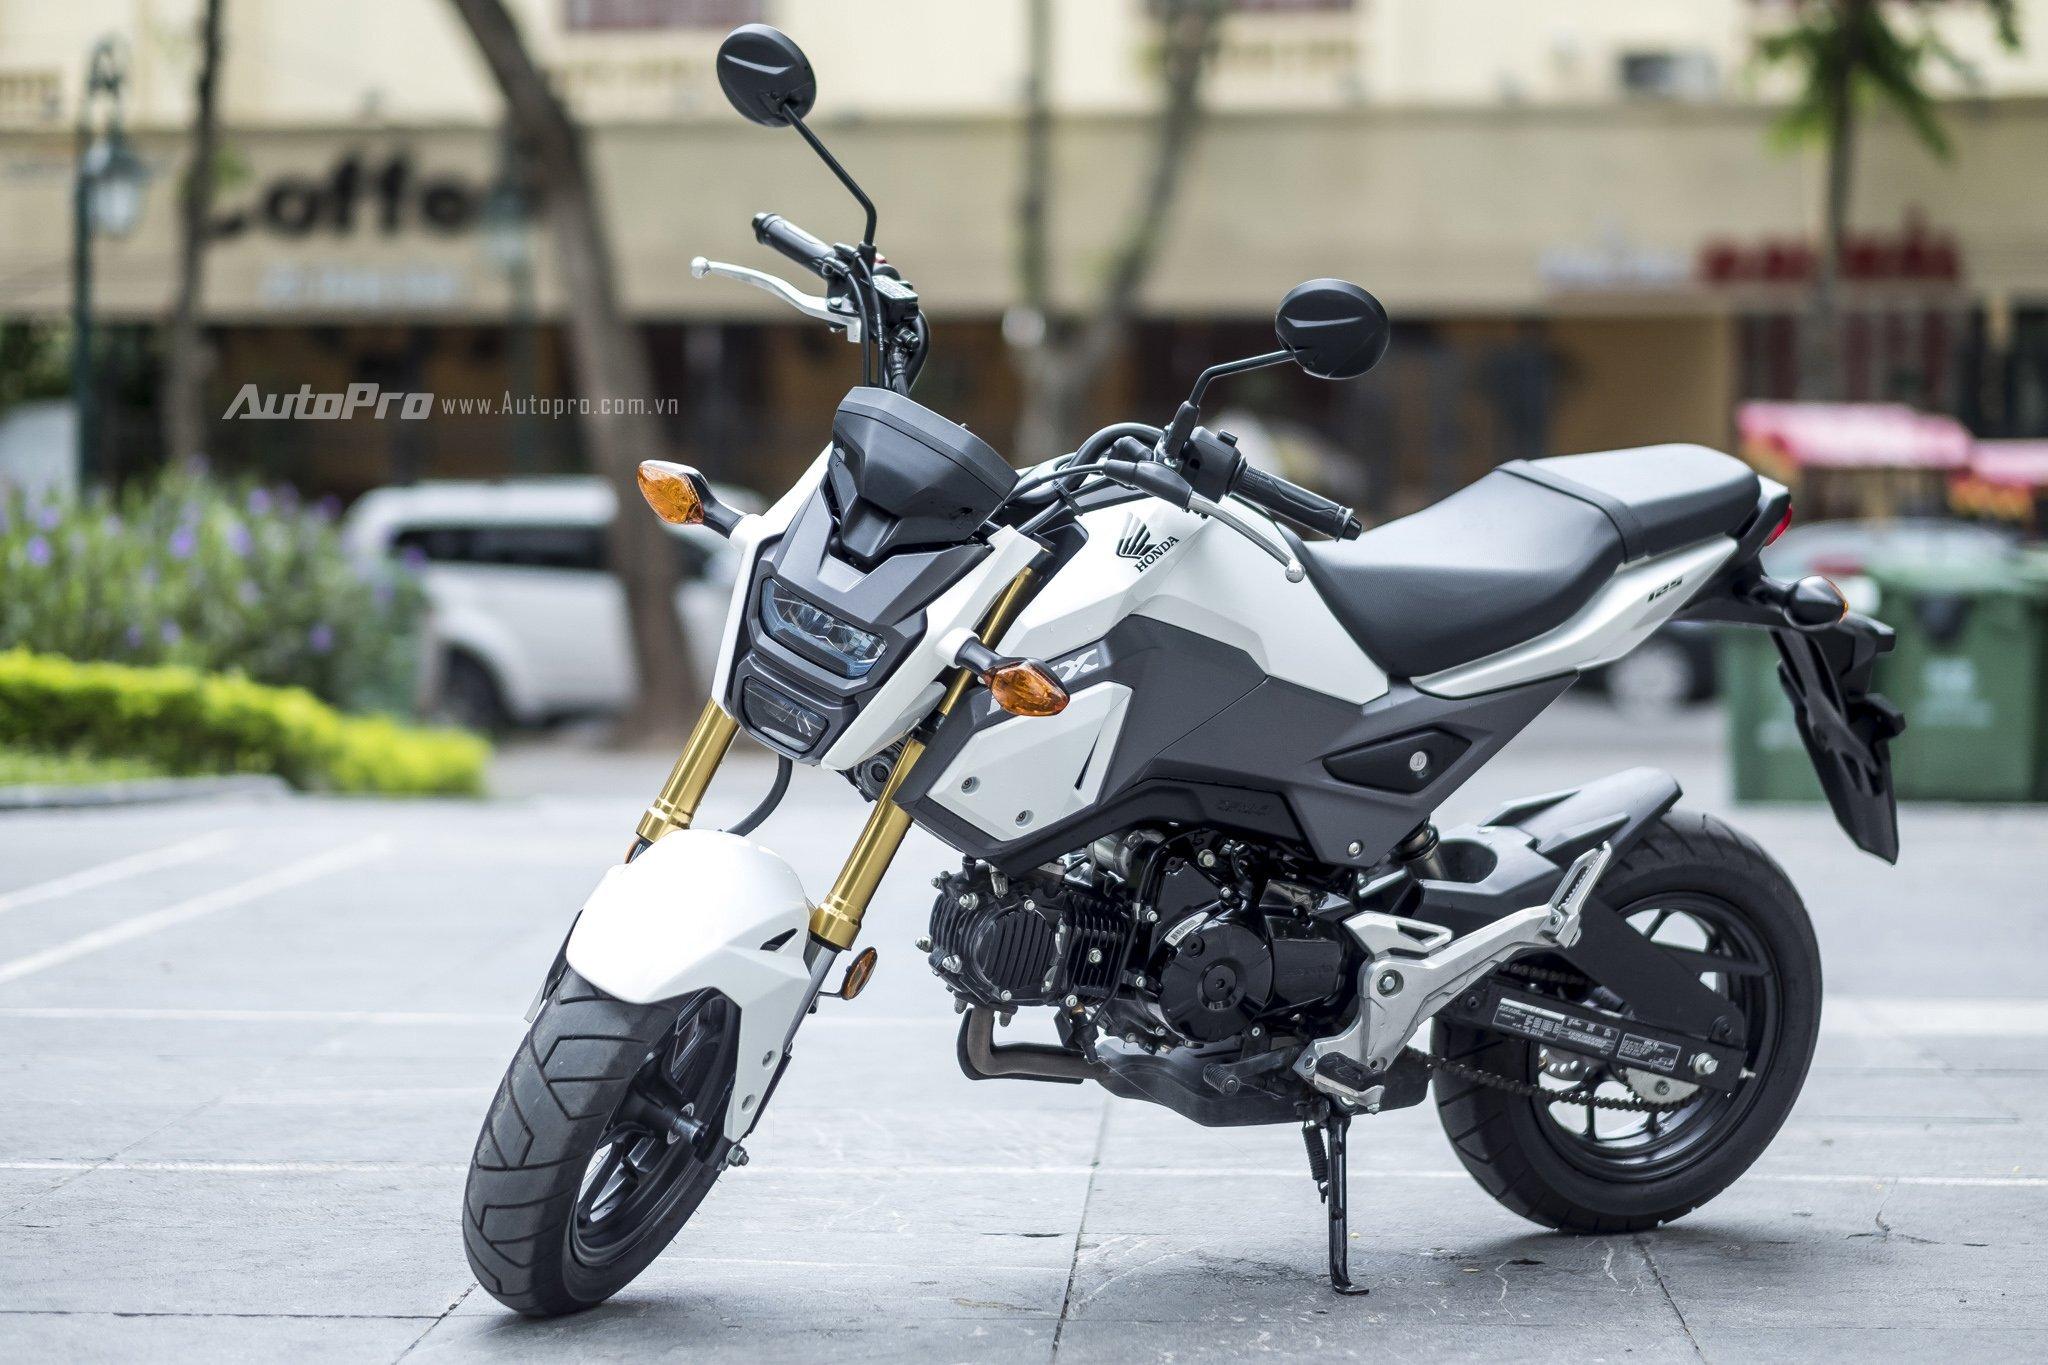 Honda MSX phiên bản 2017